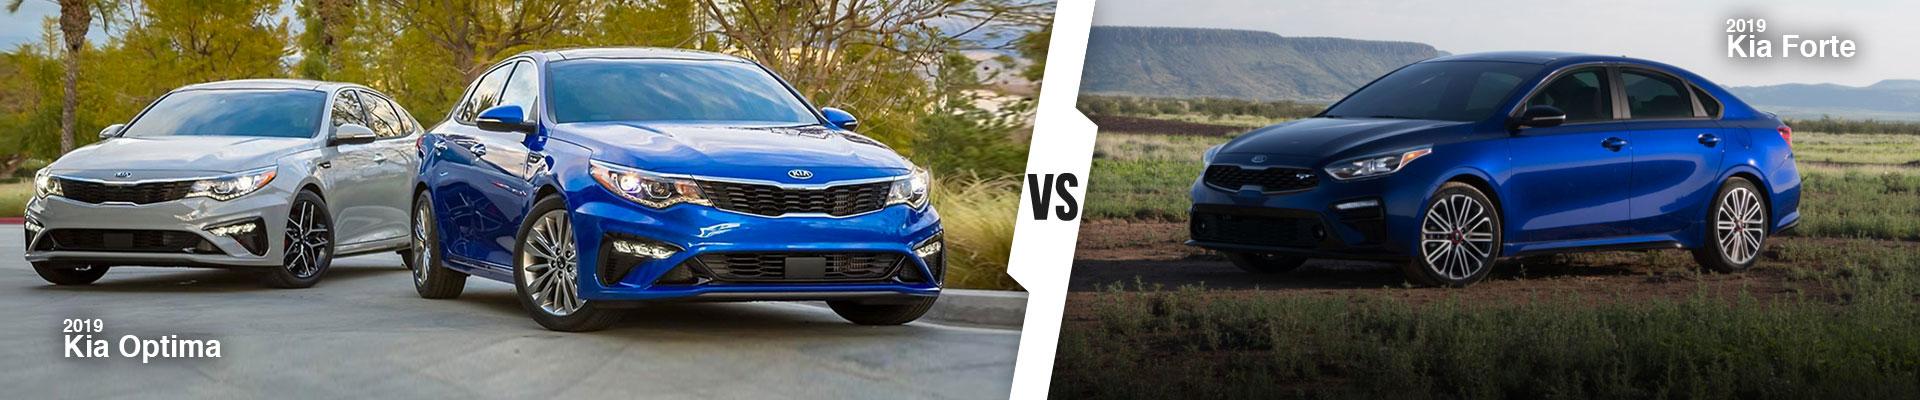 New Kia Sedan Comparison: The 2019 Kia Optima vs. the 2019 Kia Forte